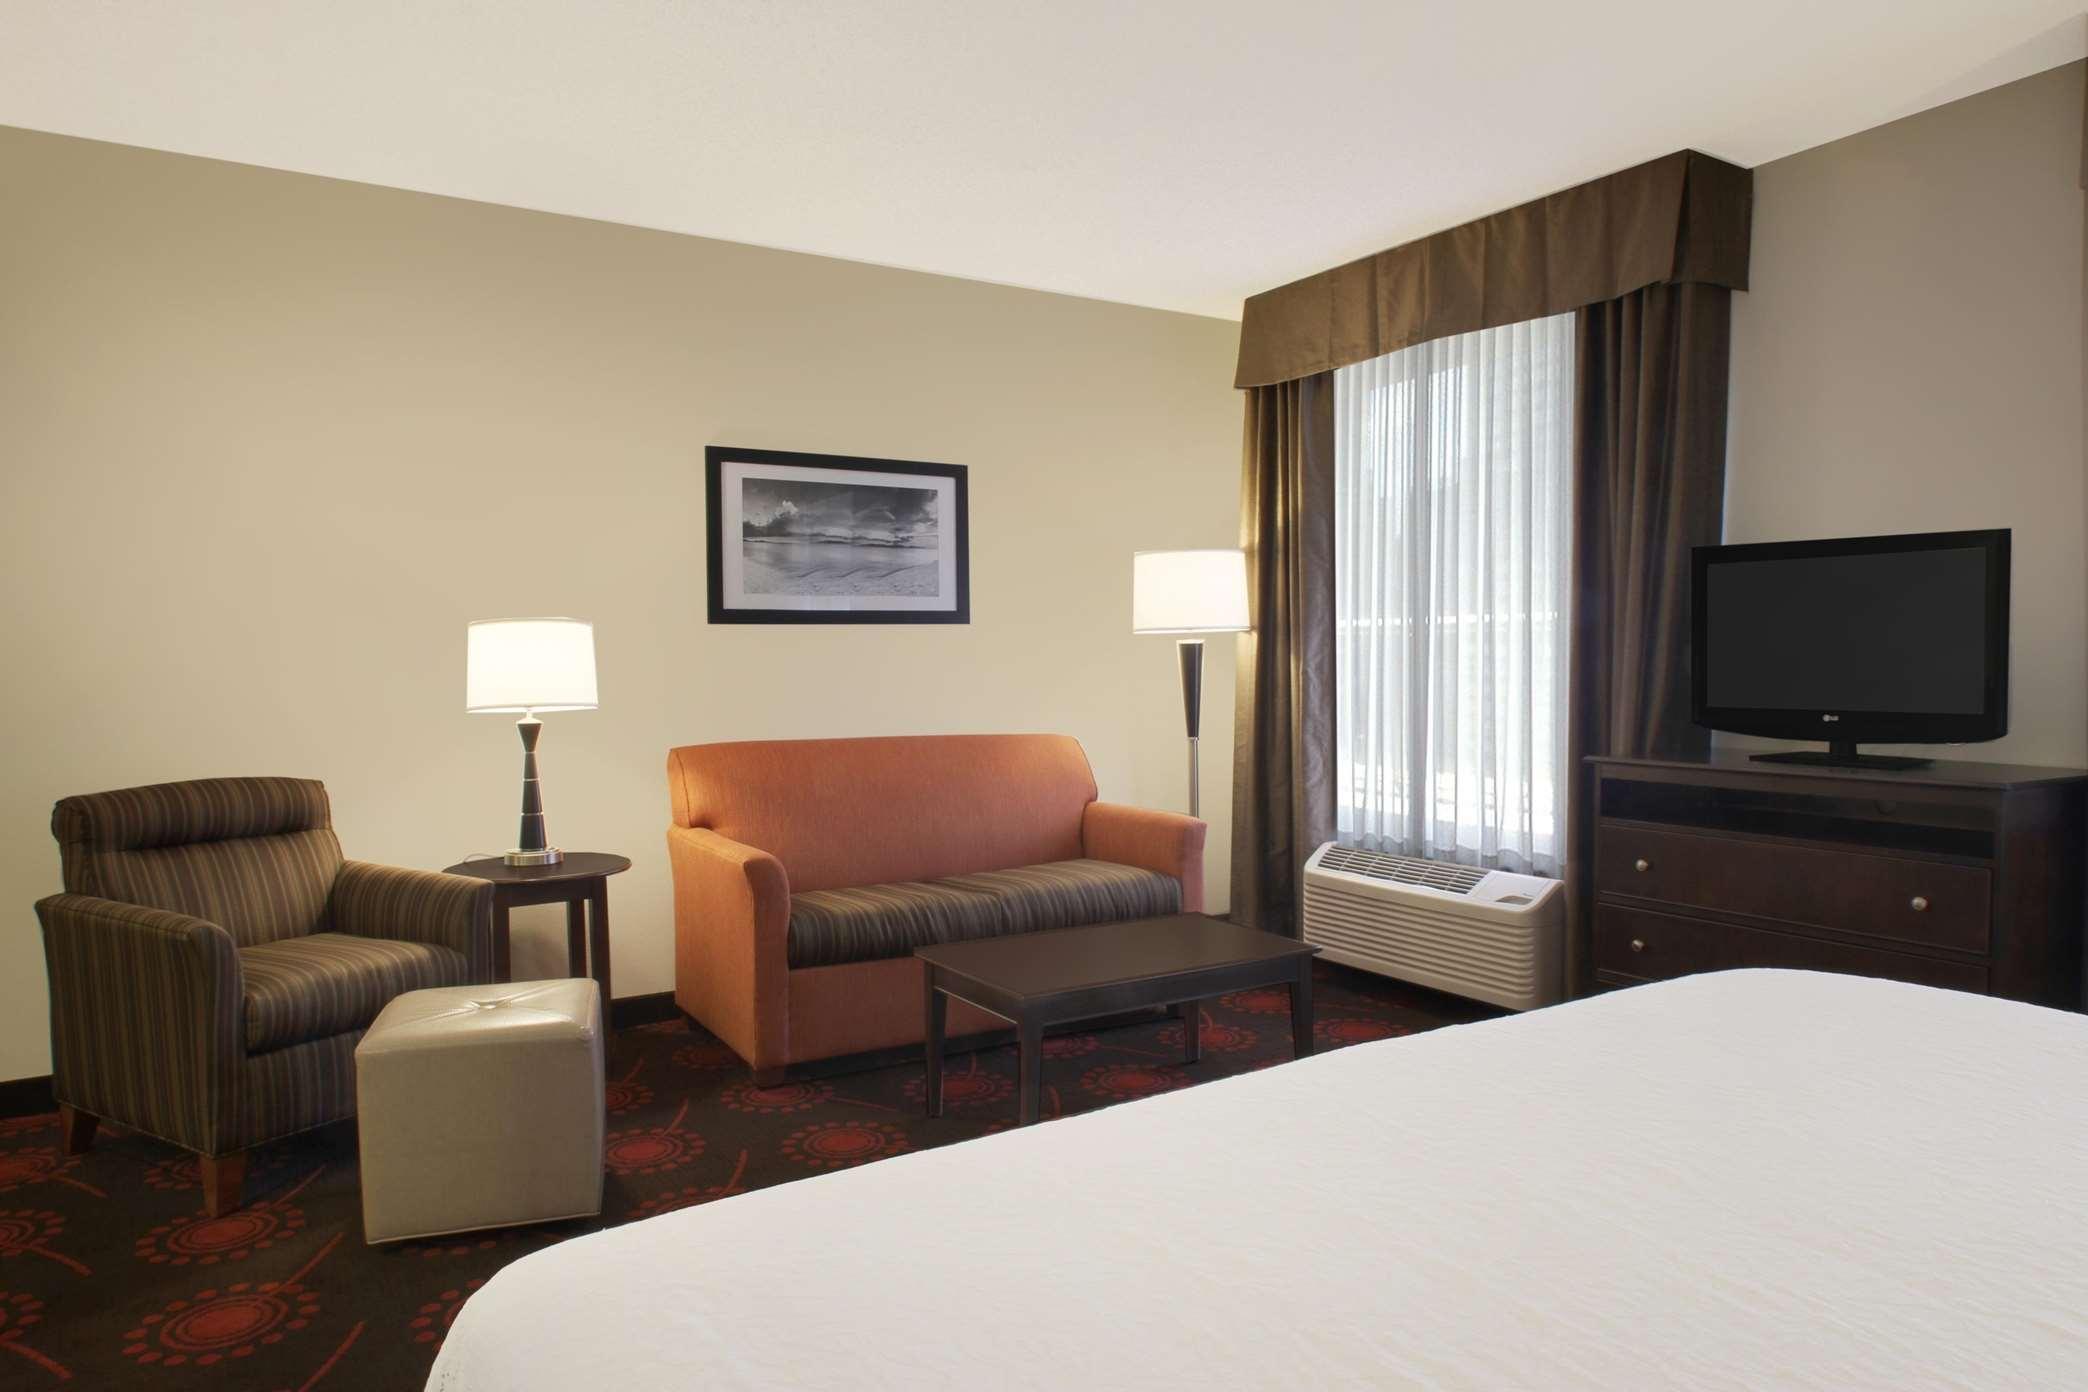 Hampton Inn & Suites Port St. Lucie, West image 19